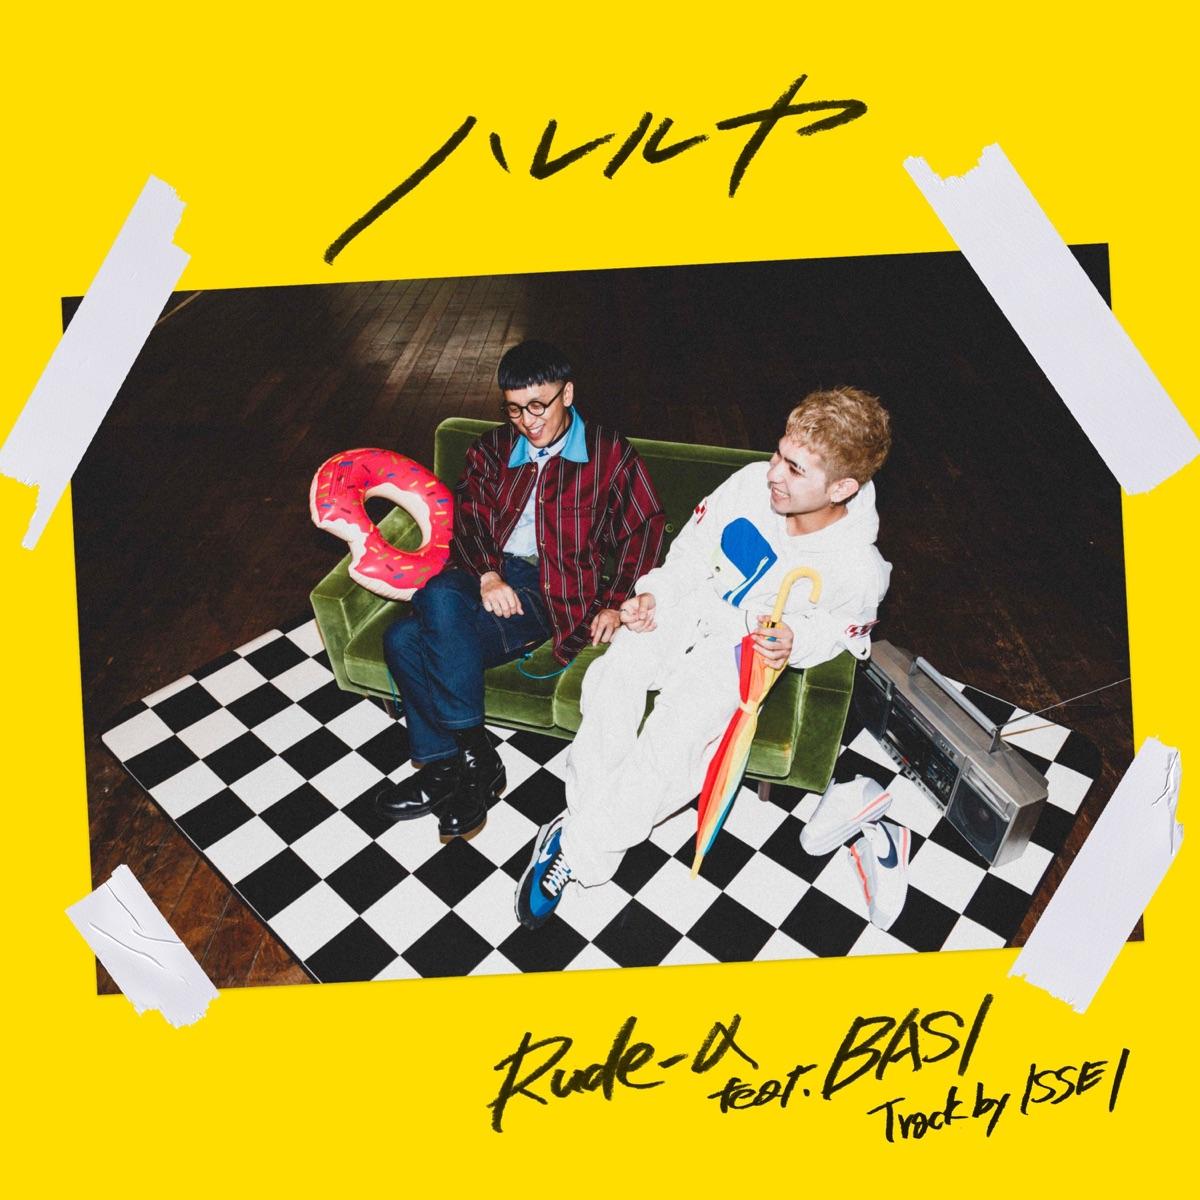 『Rude-α - ハレルヤ feat.BASI』収録の『ハレルヤ feat.BASI』ジャケット